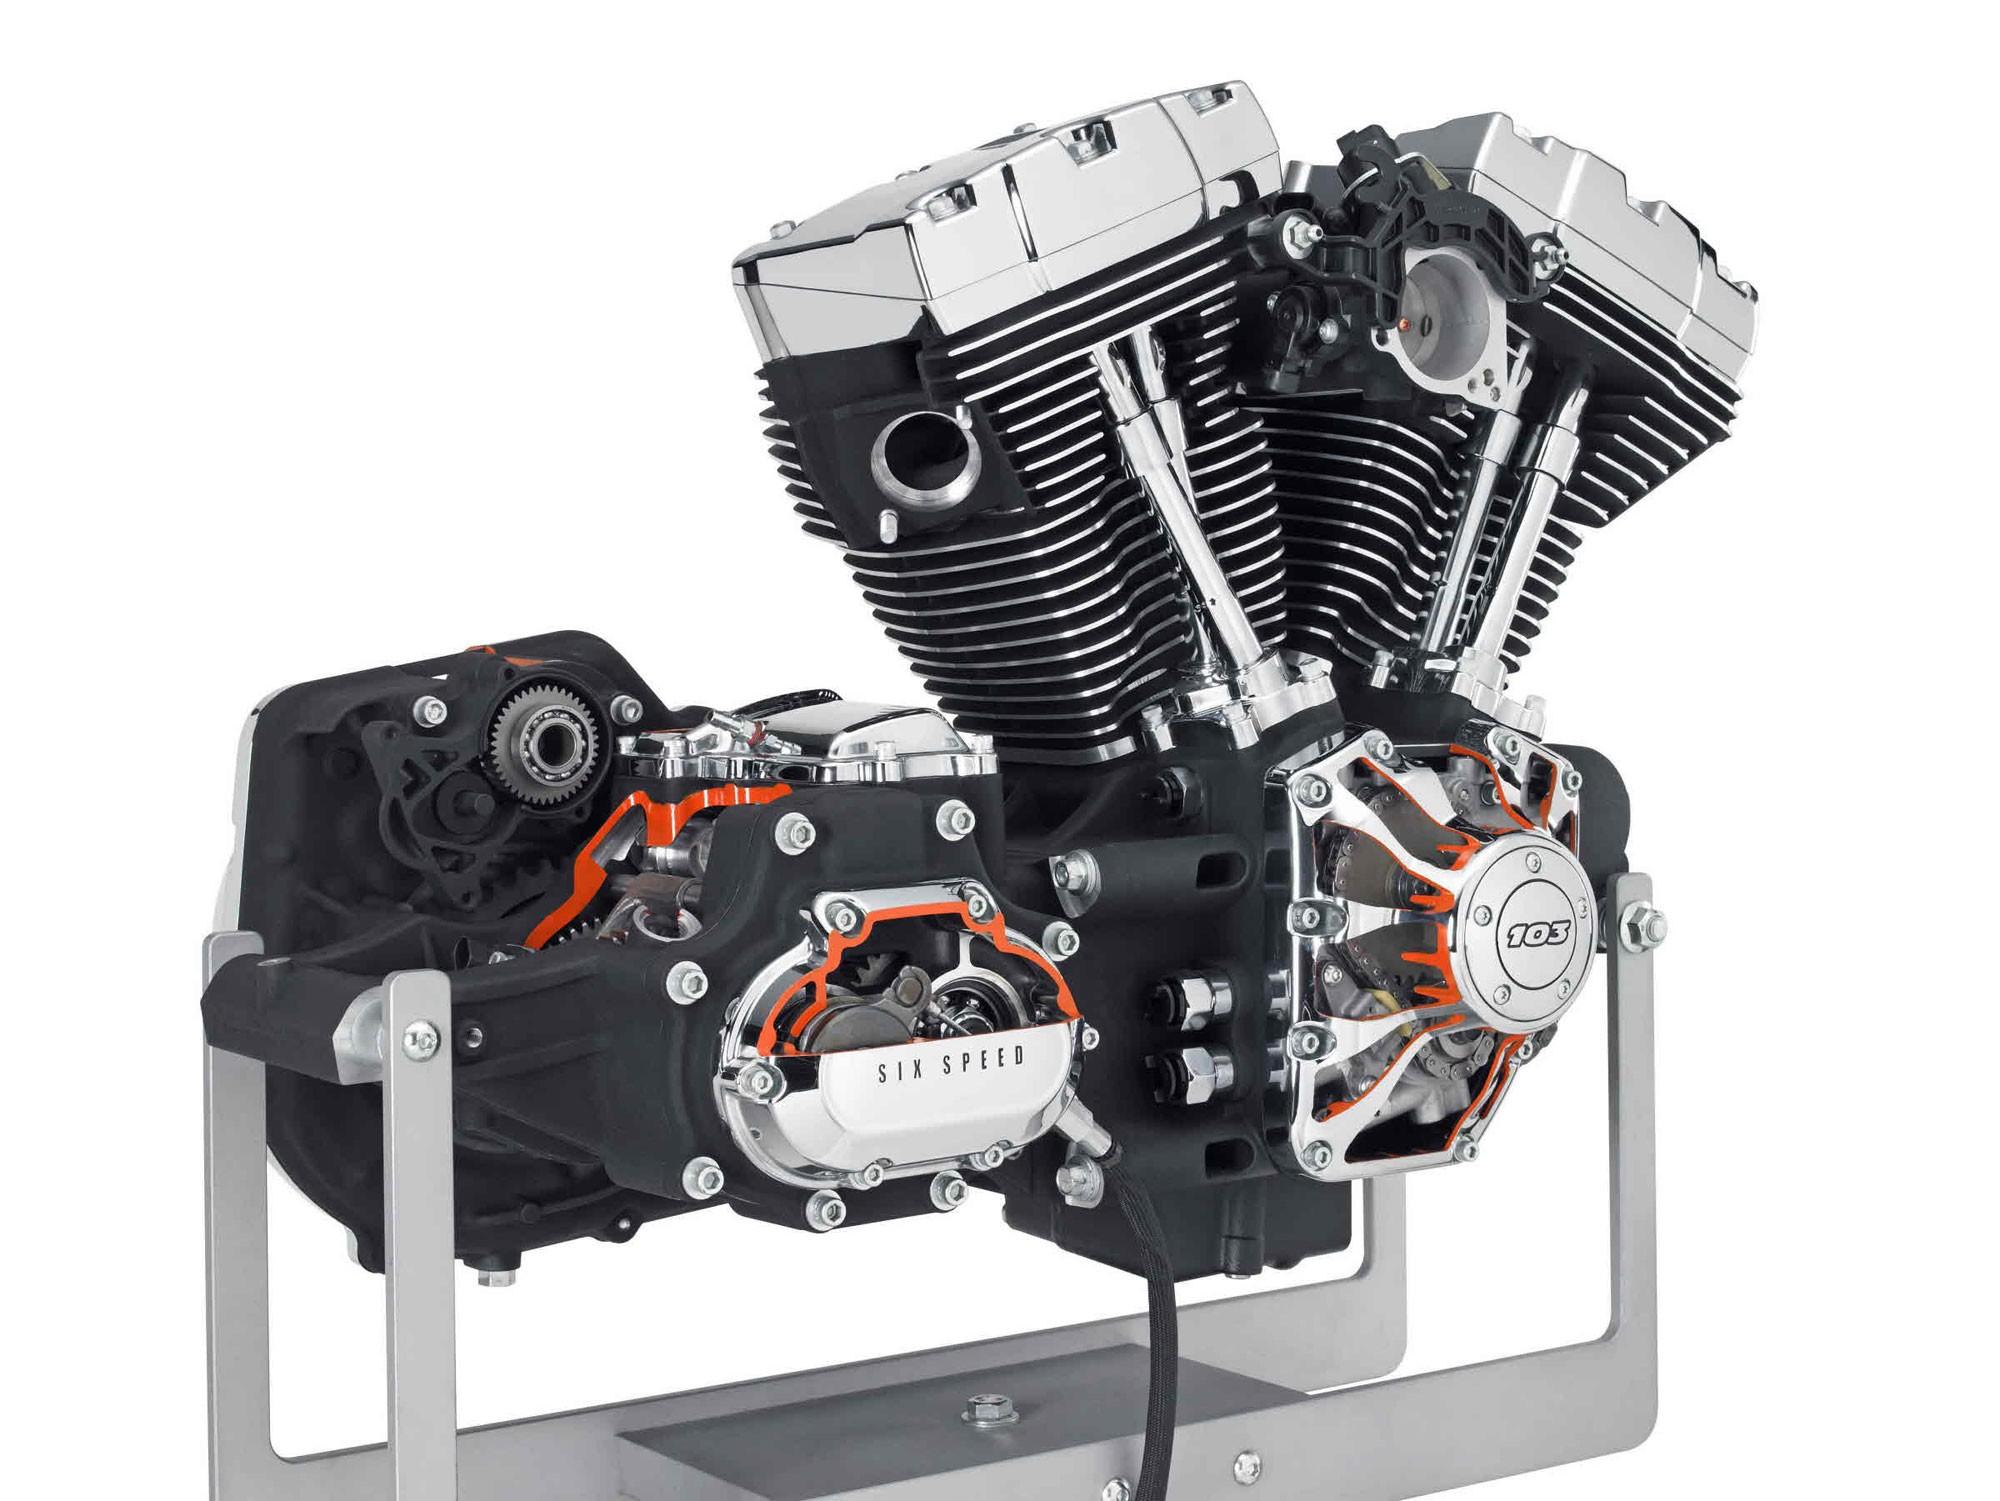 Harley Evolution Engine Diagram Harley Evolution Engine Diagram Books Wiring Diagram • Of Harley Evolution Engine Diagram